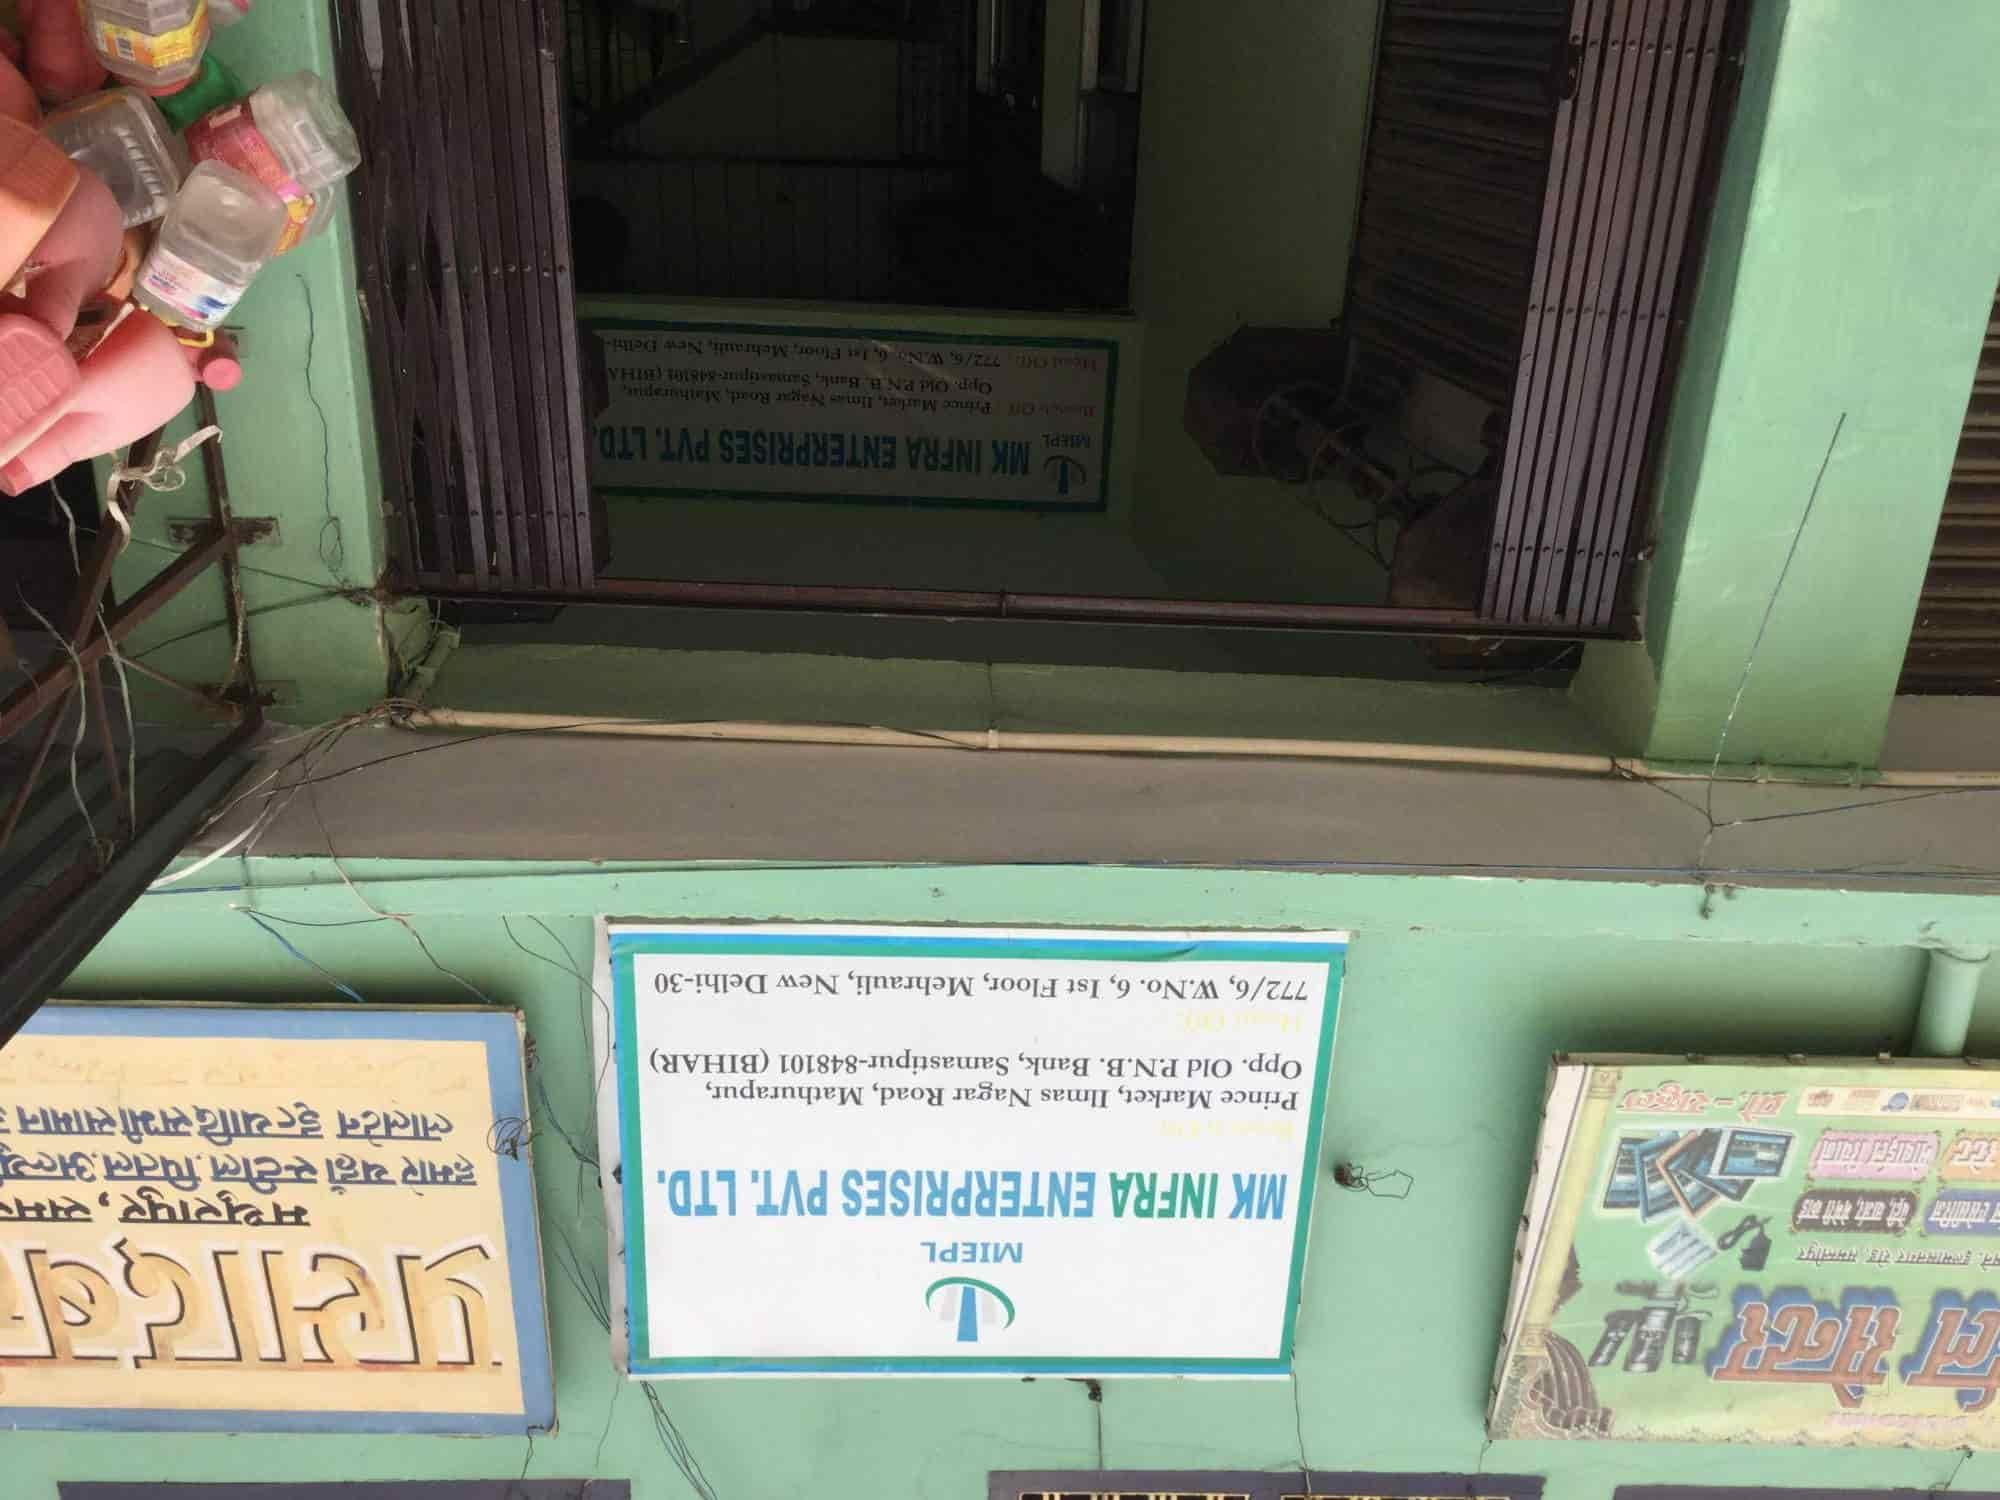 M K Infra Enterprises Pvt Ltd , Samastipur HO - Construction